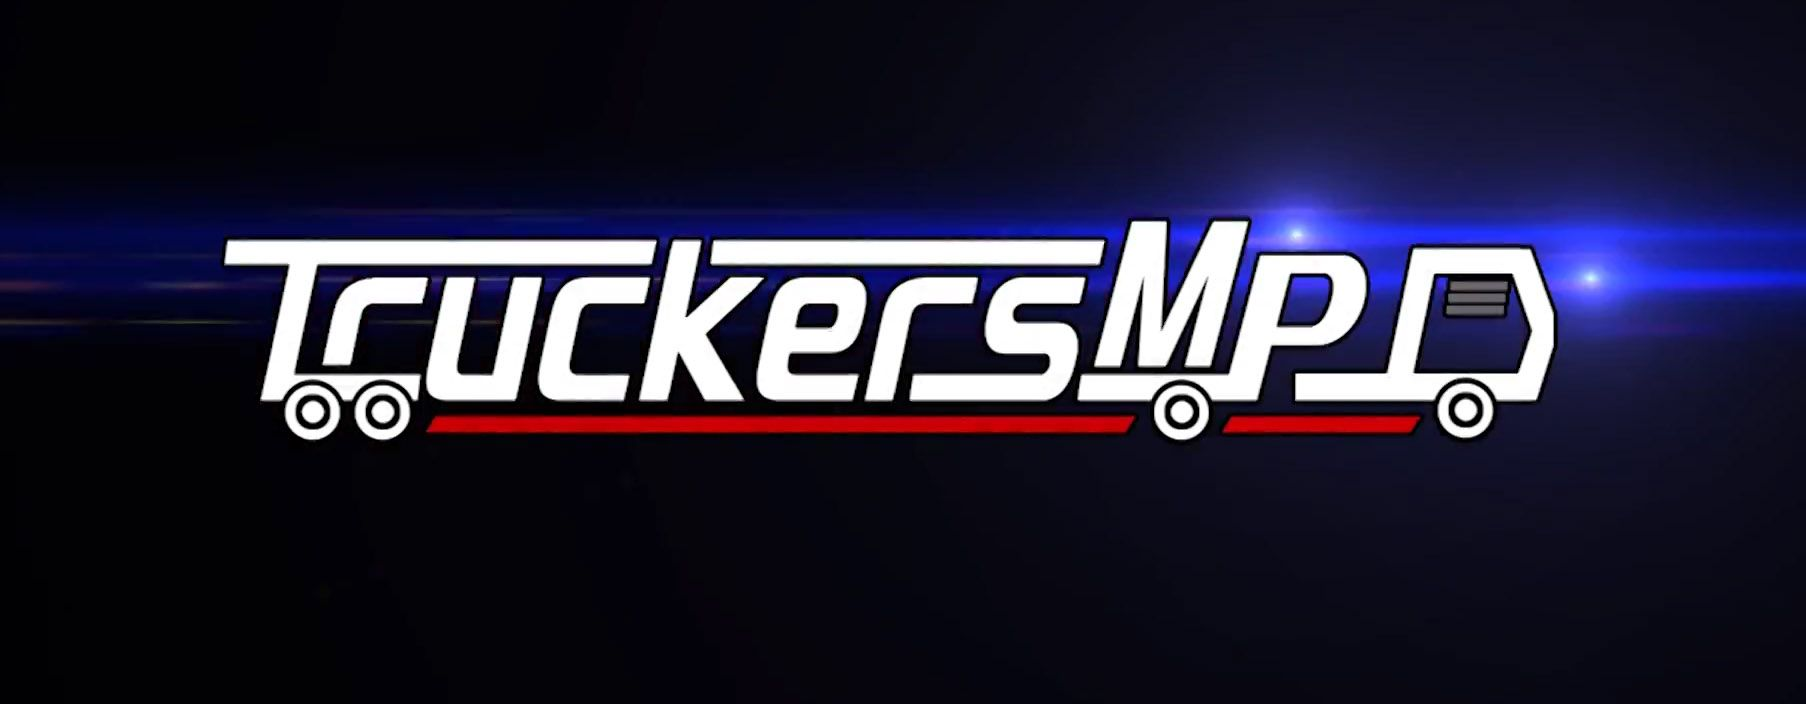 TruckersMP: полицейская и гражданская легковая машина [Трейлер]